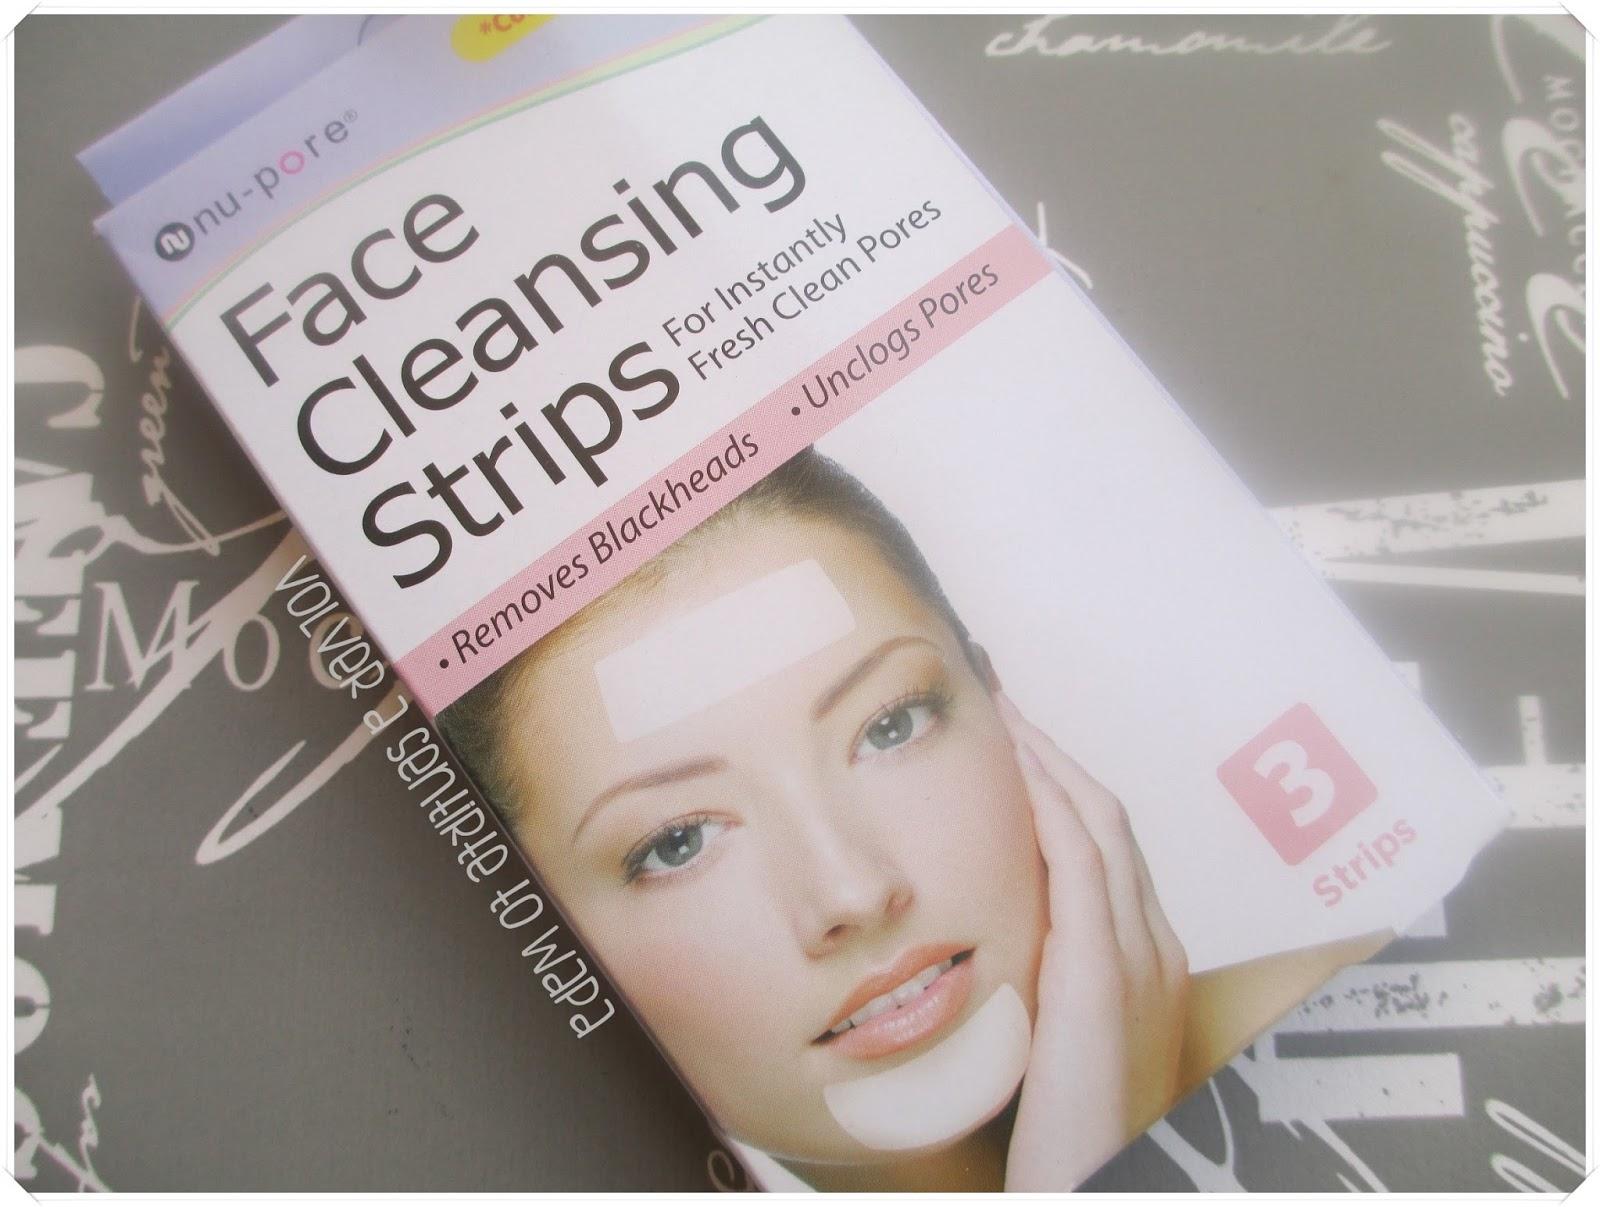 iHerb - Tiras de Limpieza Facial de nu pore